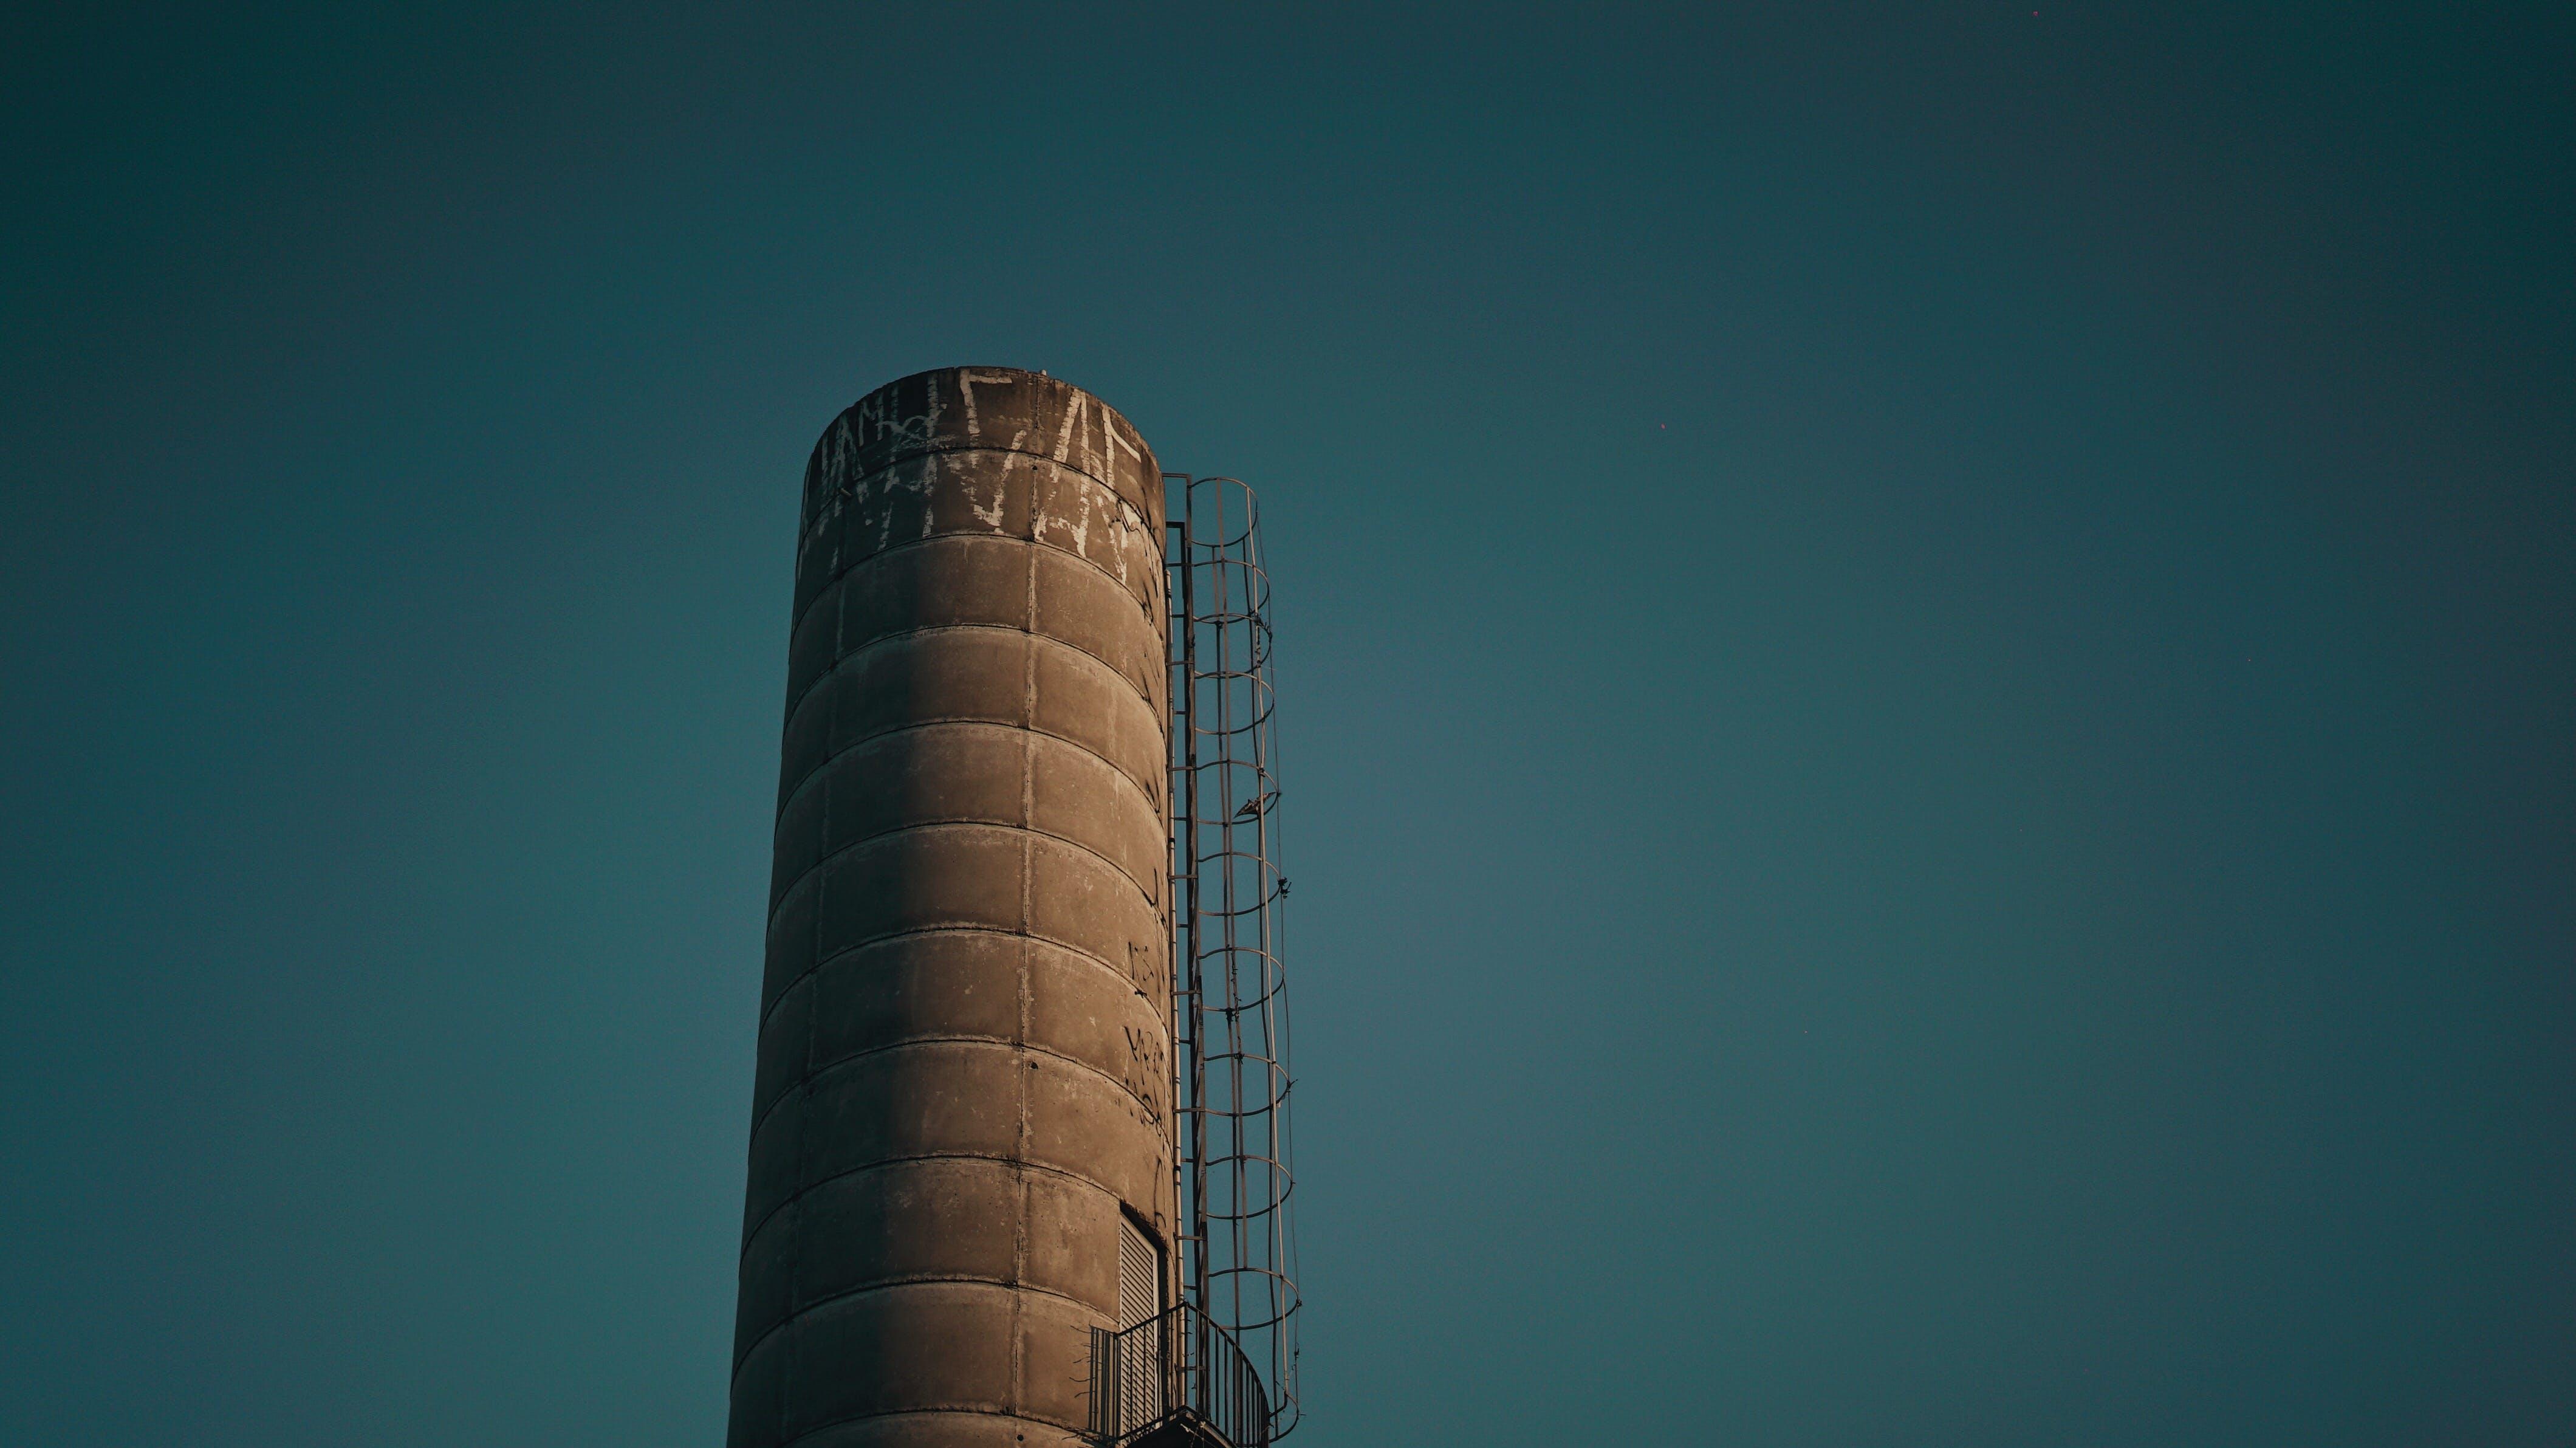 Kostenloses Stock Foto zu architektur, industrie, silo, struktur